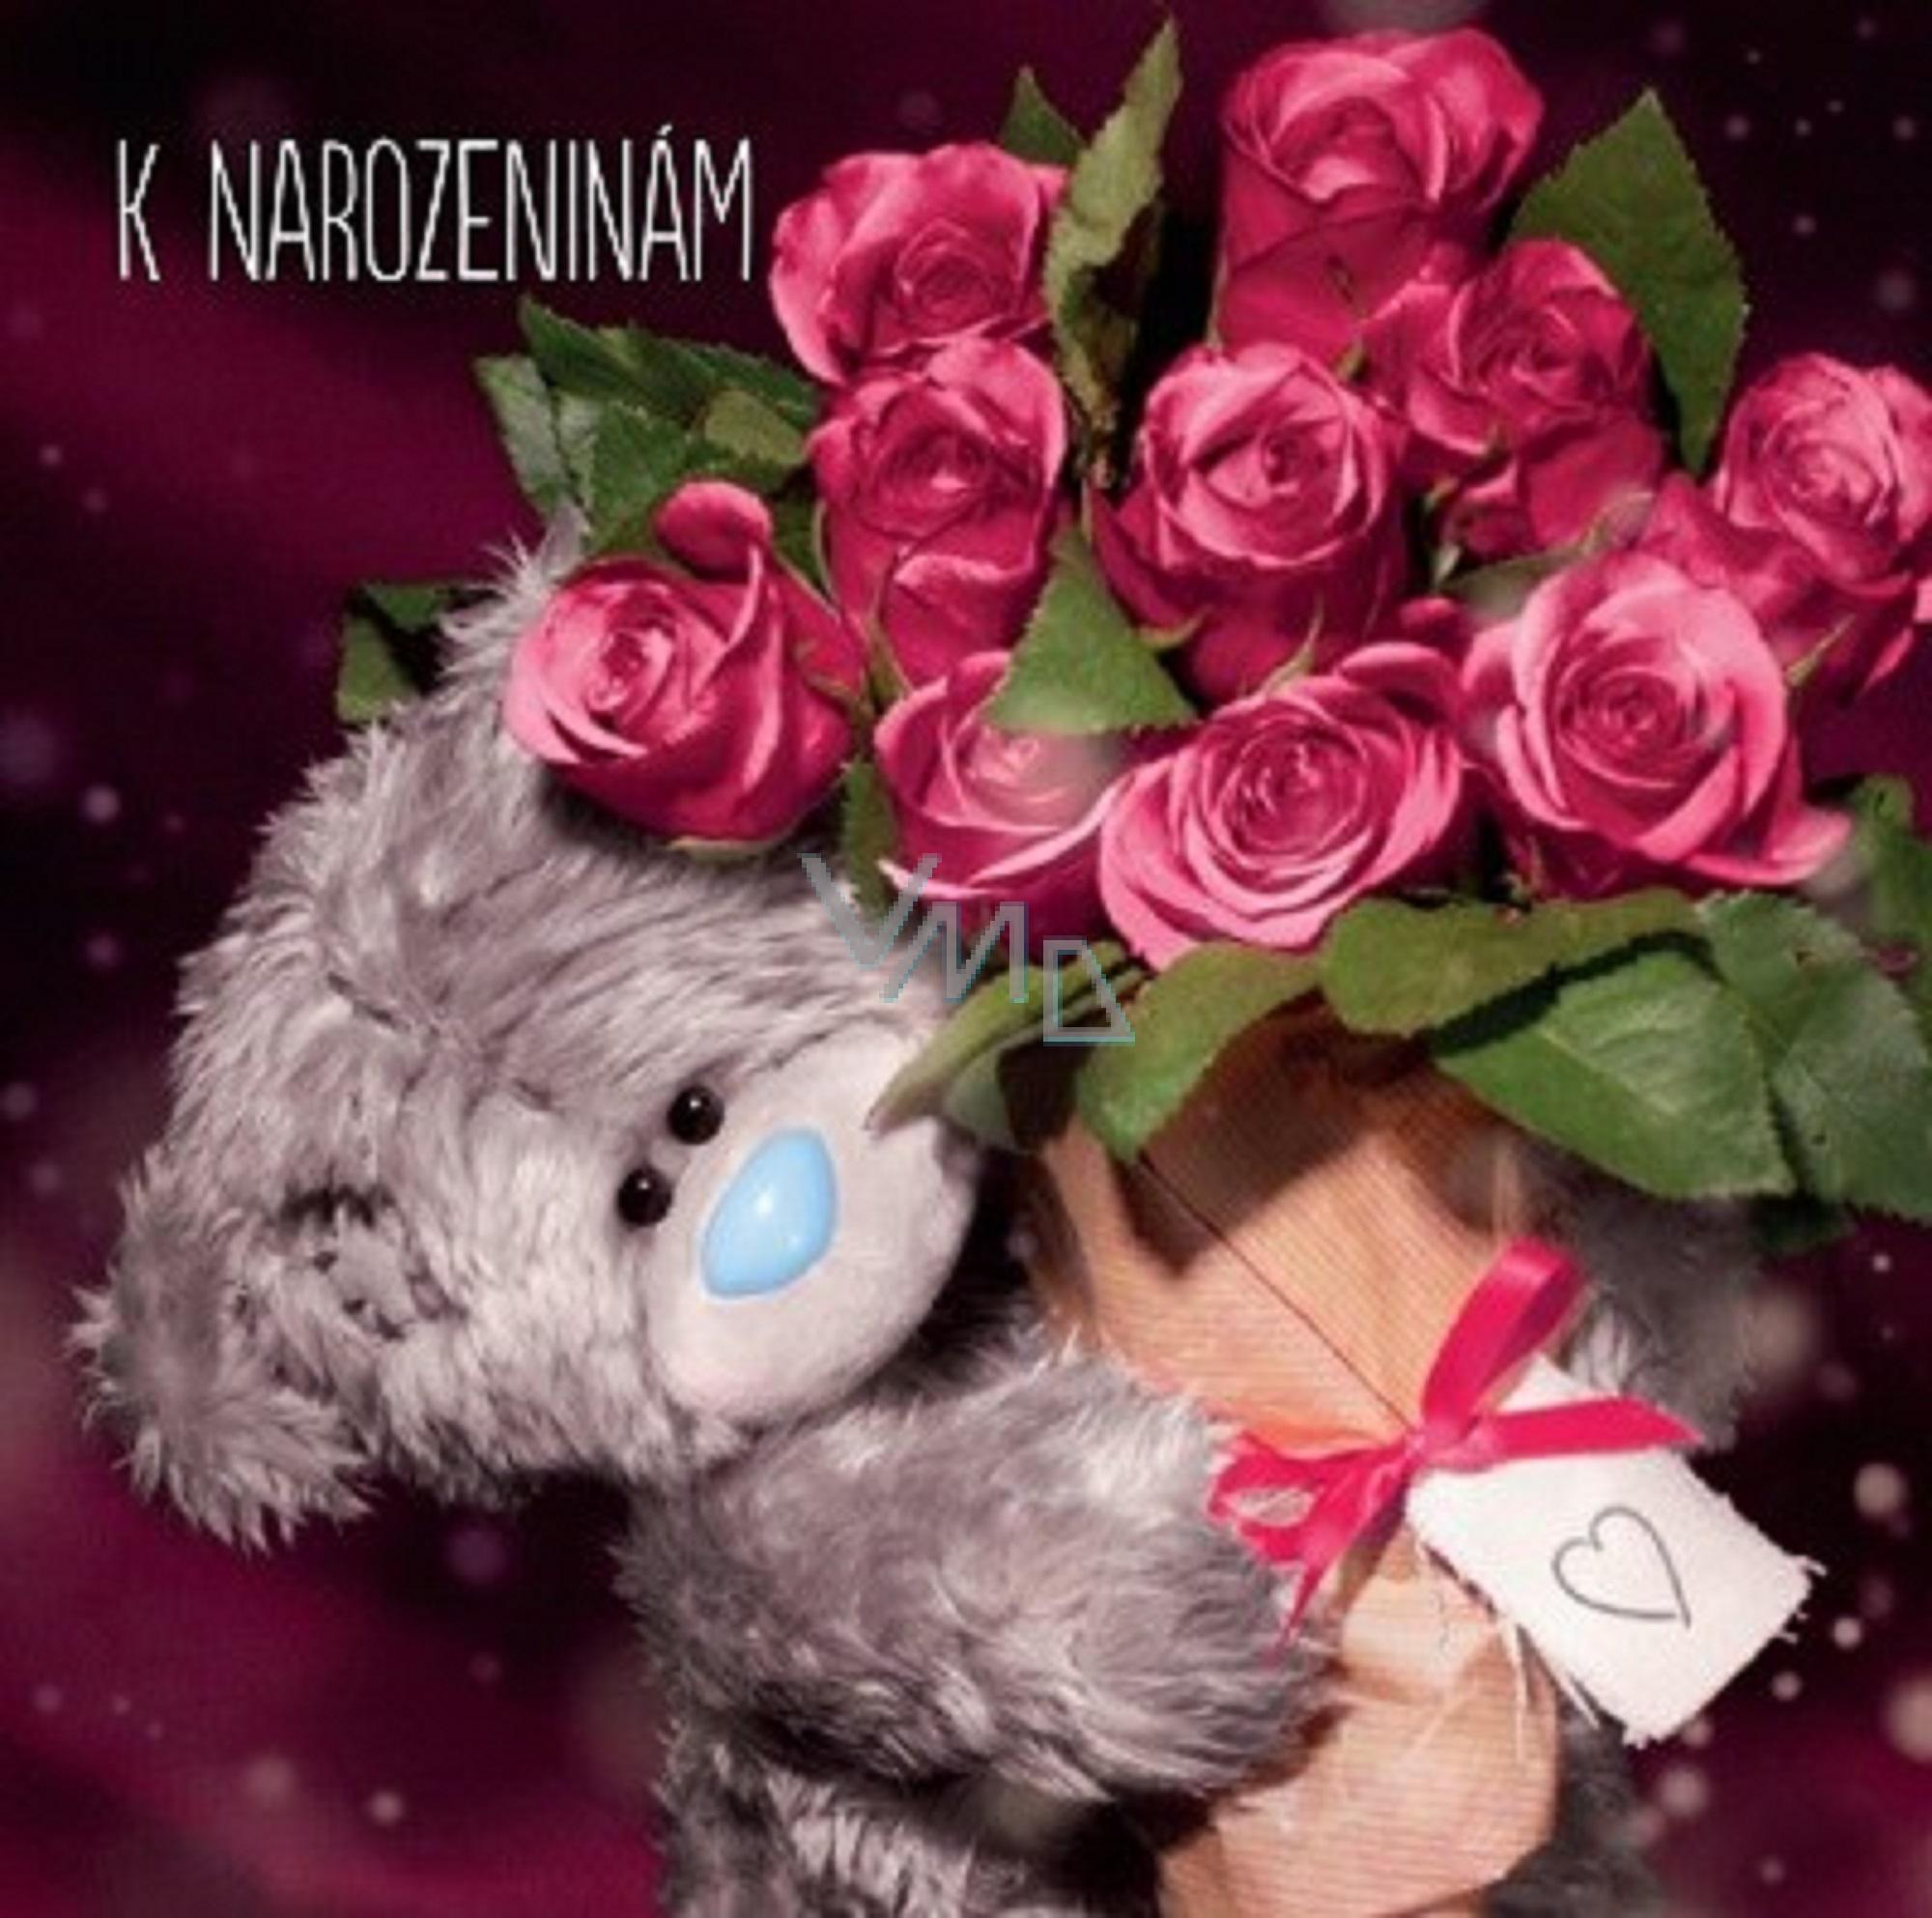 fotky k narozeninám Me to You Blahopřání do obálky 3D K narozeninám, Medvídek s růžemi  fotky k narozeninám